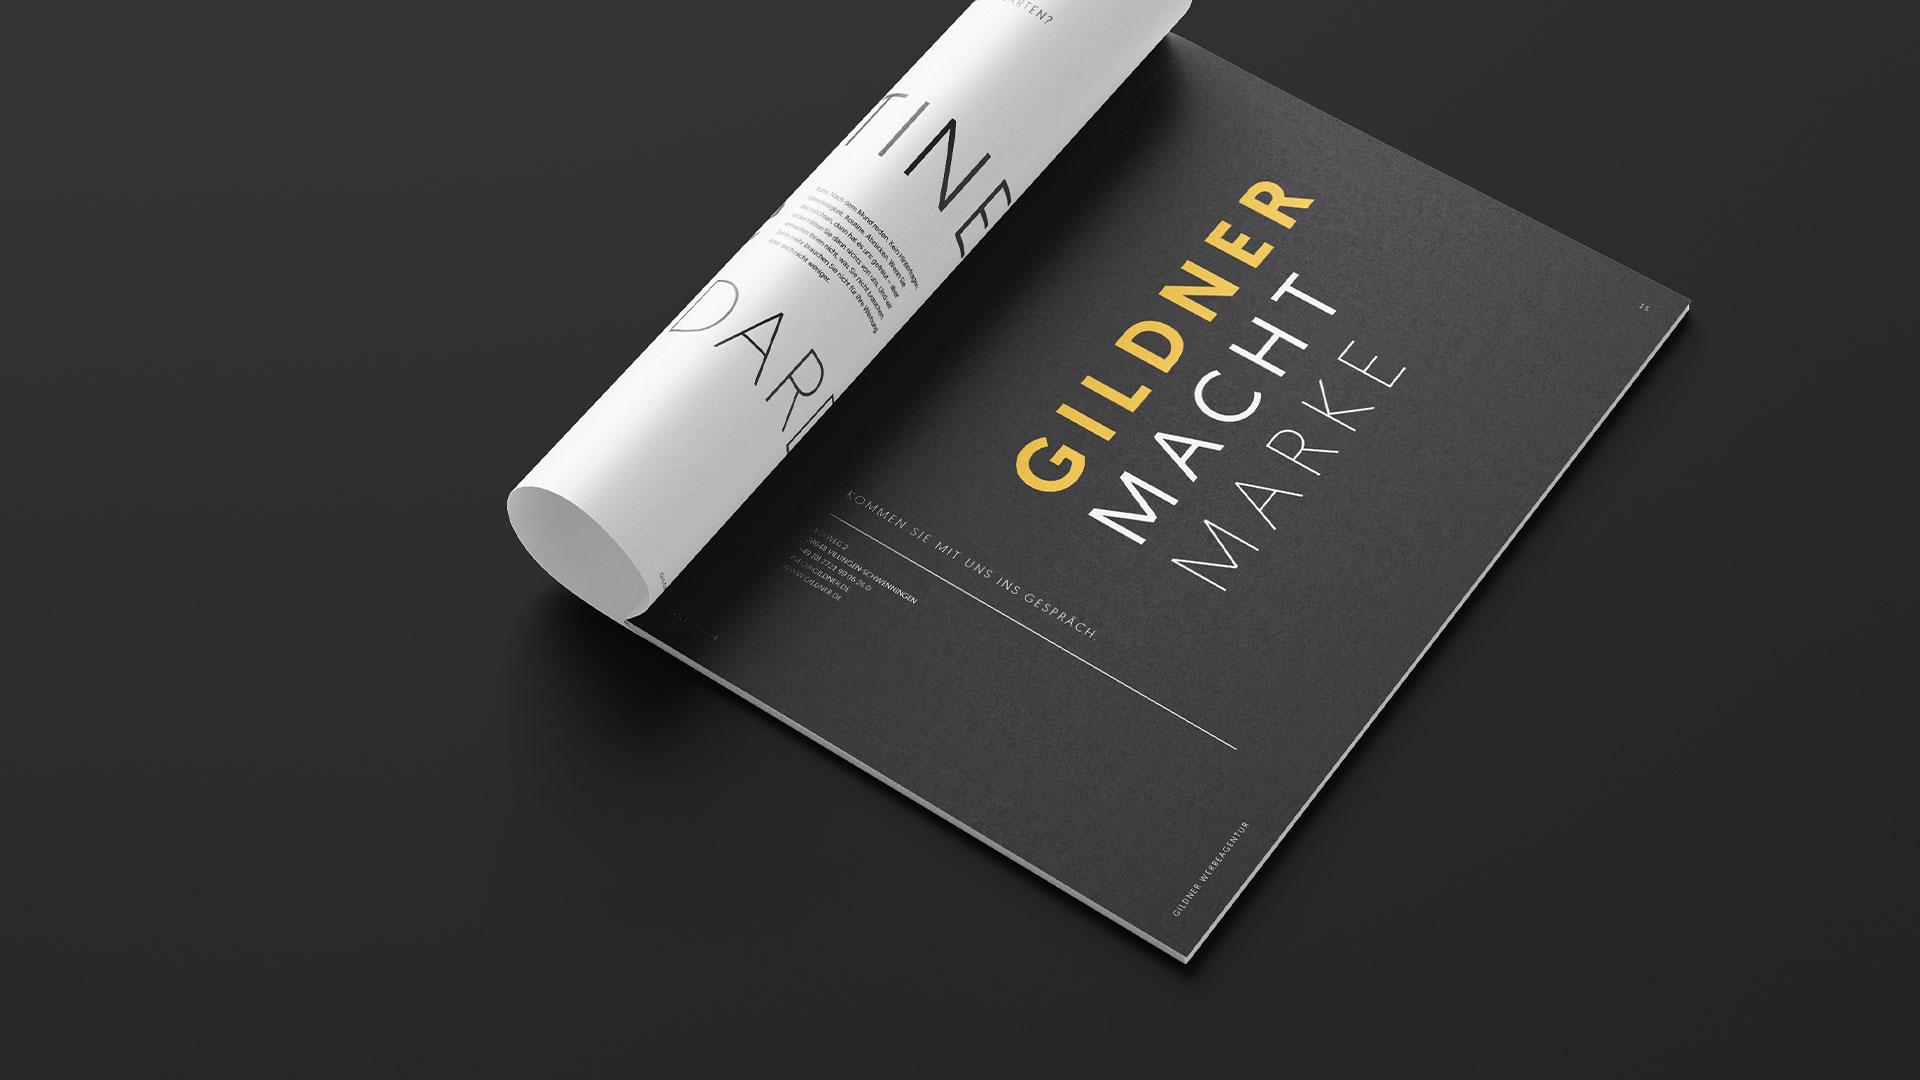 Gildner macht Marke